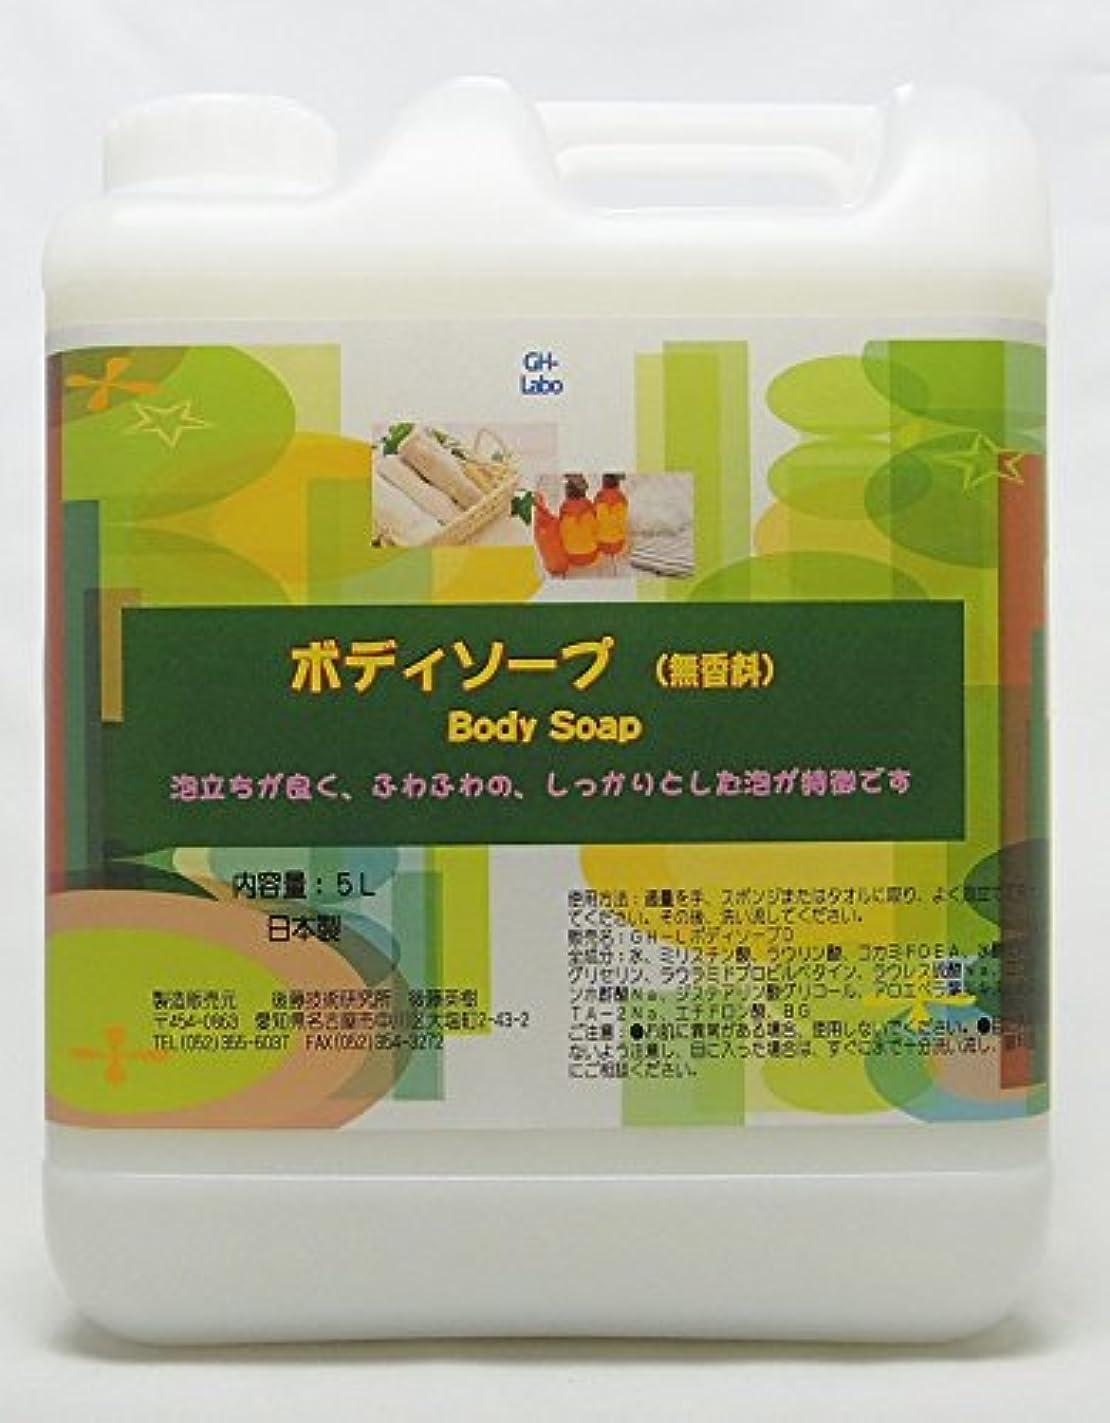 肌シダ物足りないGH-Labo 業務用ボディソープ 無香料 5L